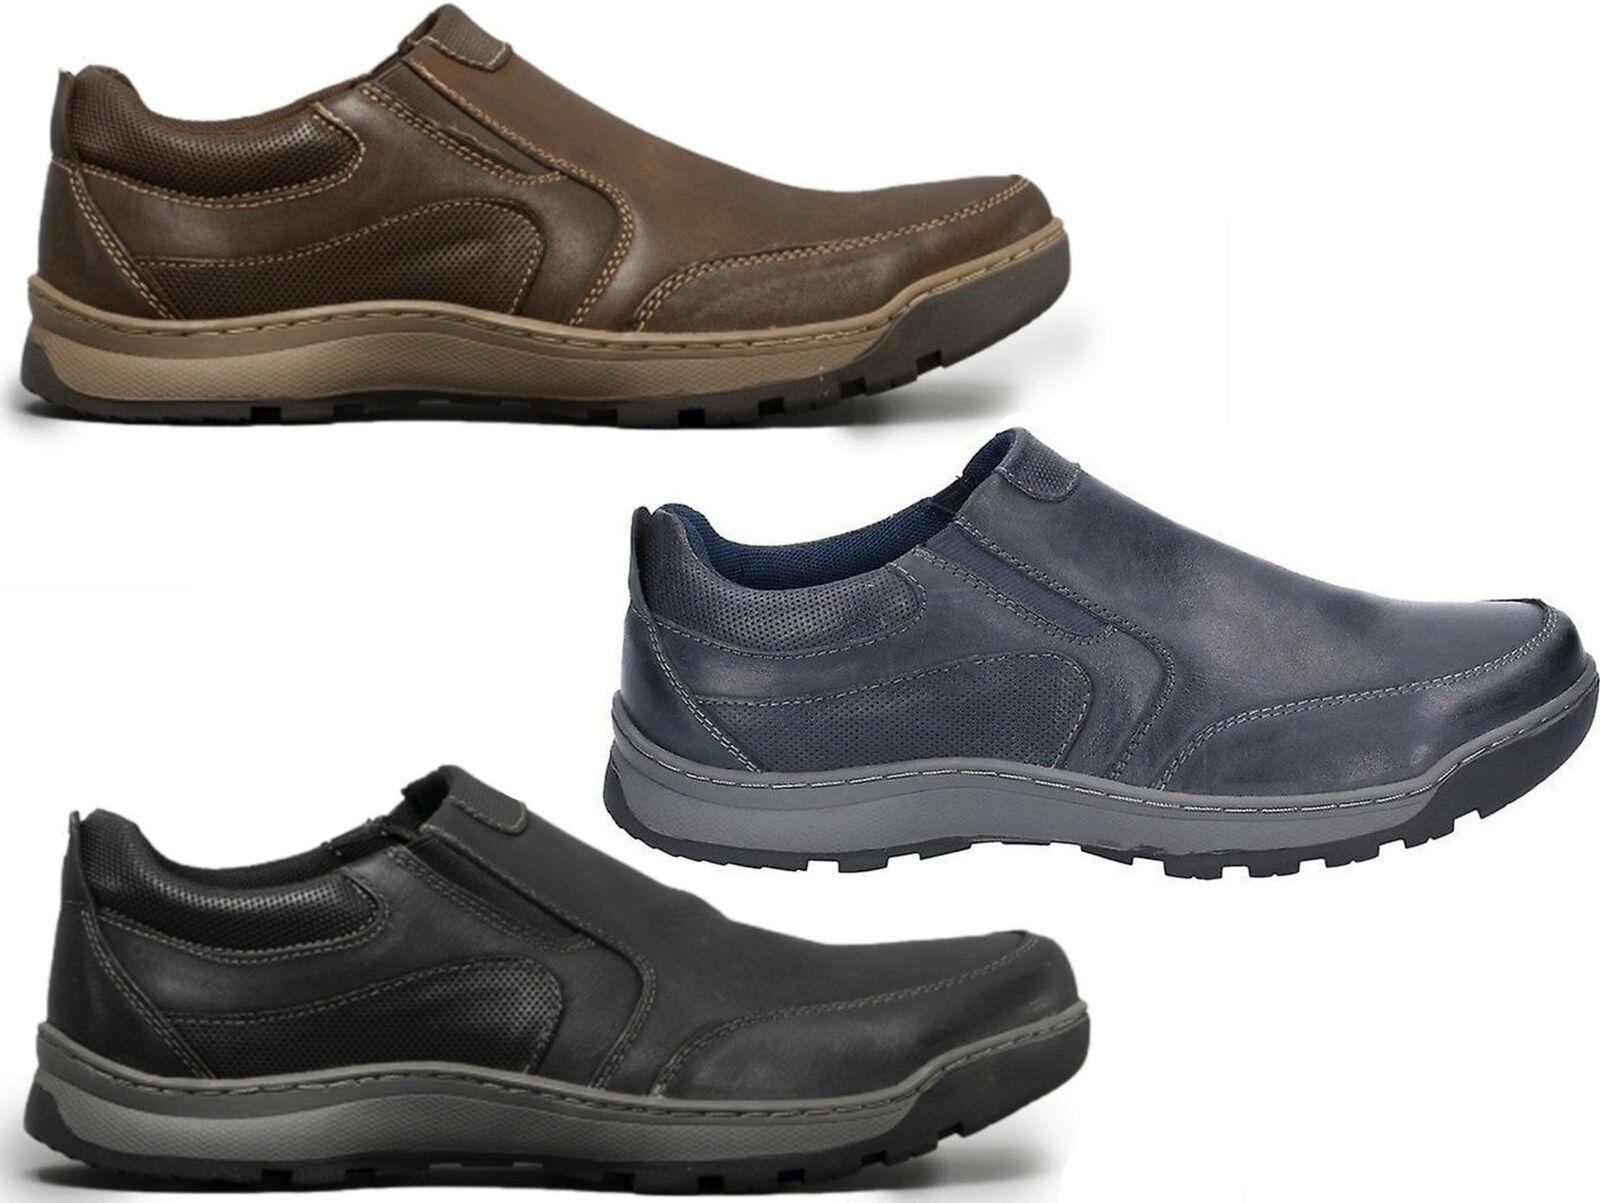 Details zu Adidas NMD CS2 Primeknit BA7187 Herren Schuhe Sneaker versch. Größen